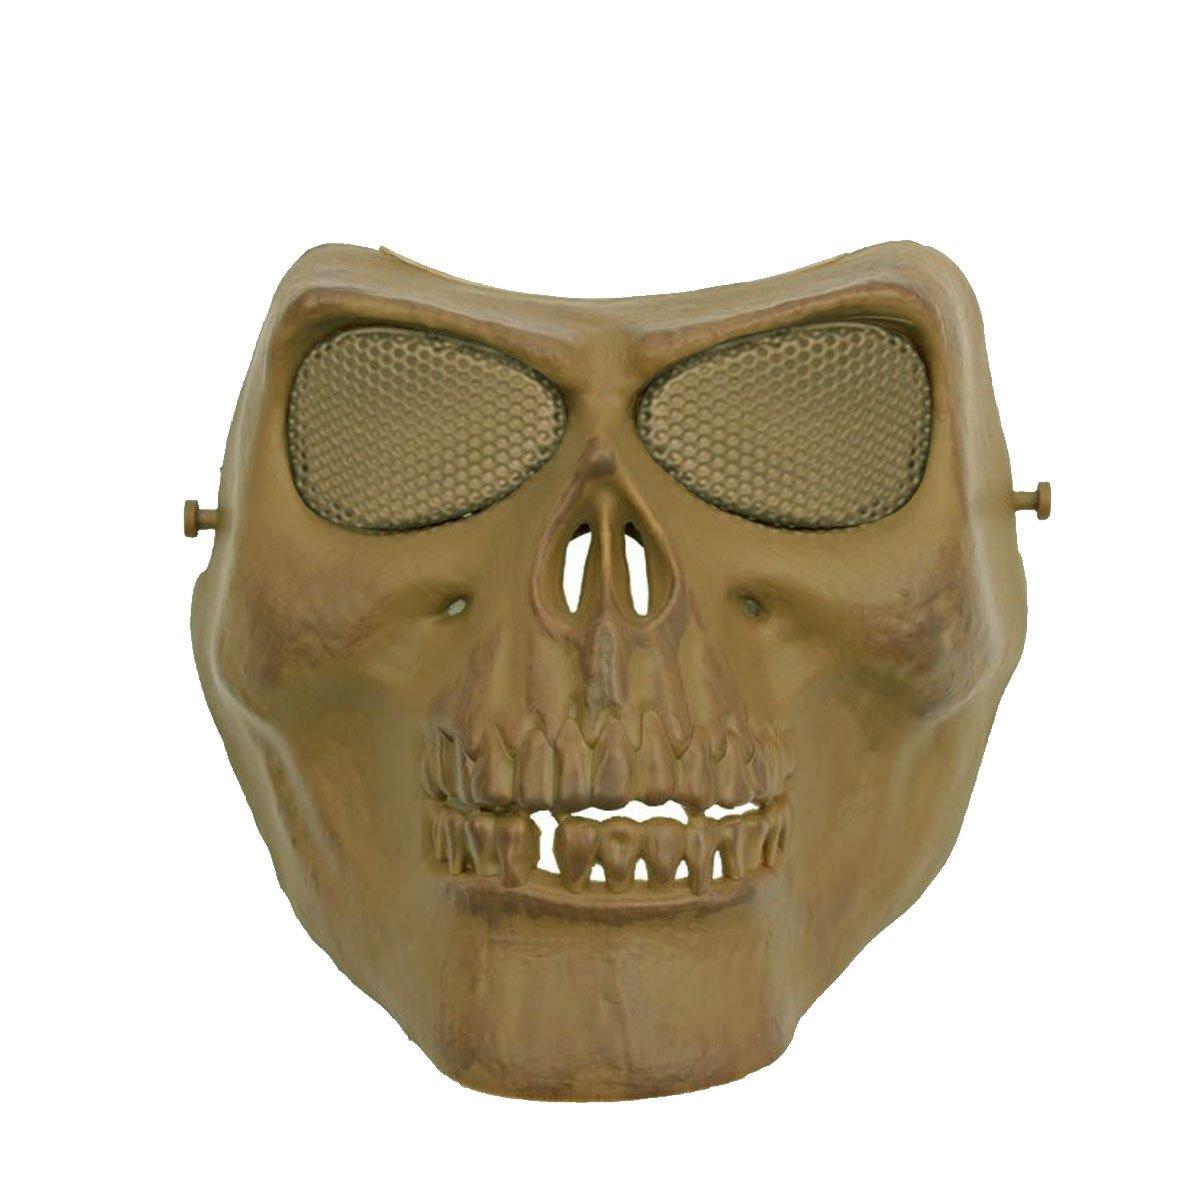 Mascara de Proteção SRC Caveira Malha metalica Tan